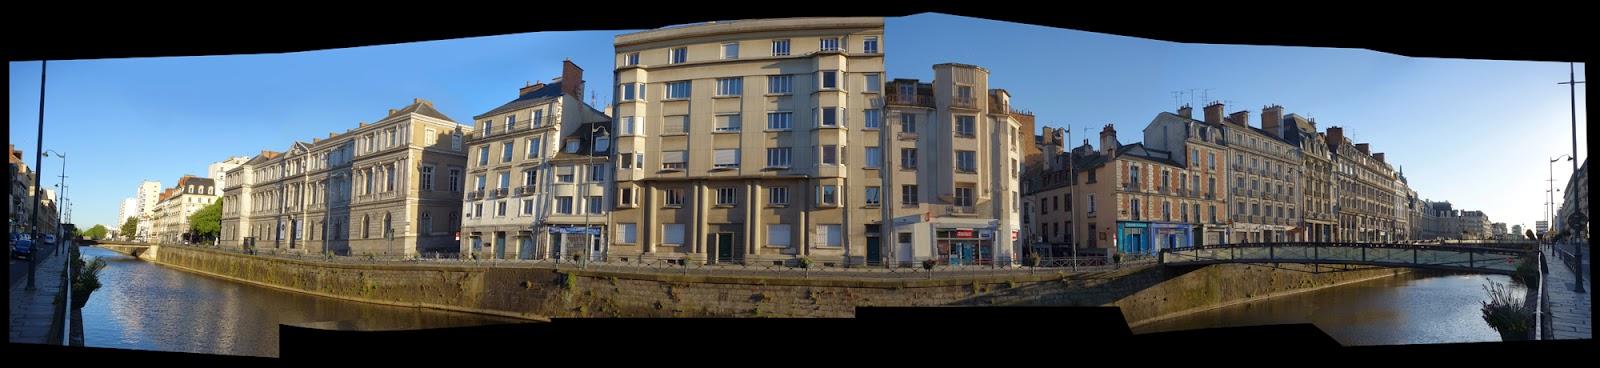 La Vilaine et les immeubles du quai Emile Zola depuis le quai Chateaubriand - 27 avril 2015 - Photo Erwan Corre